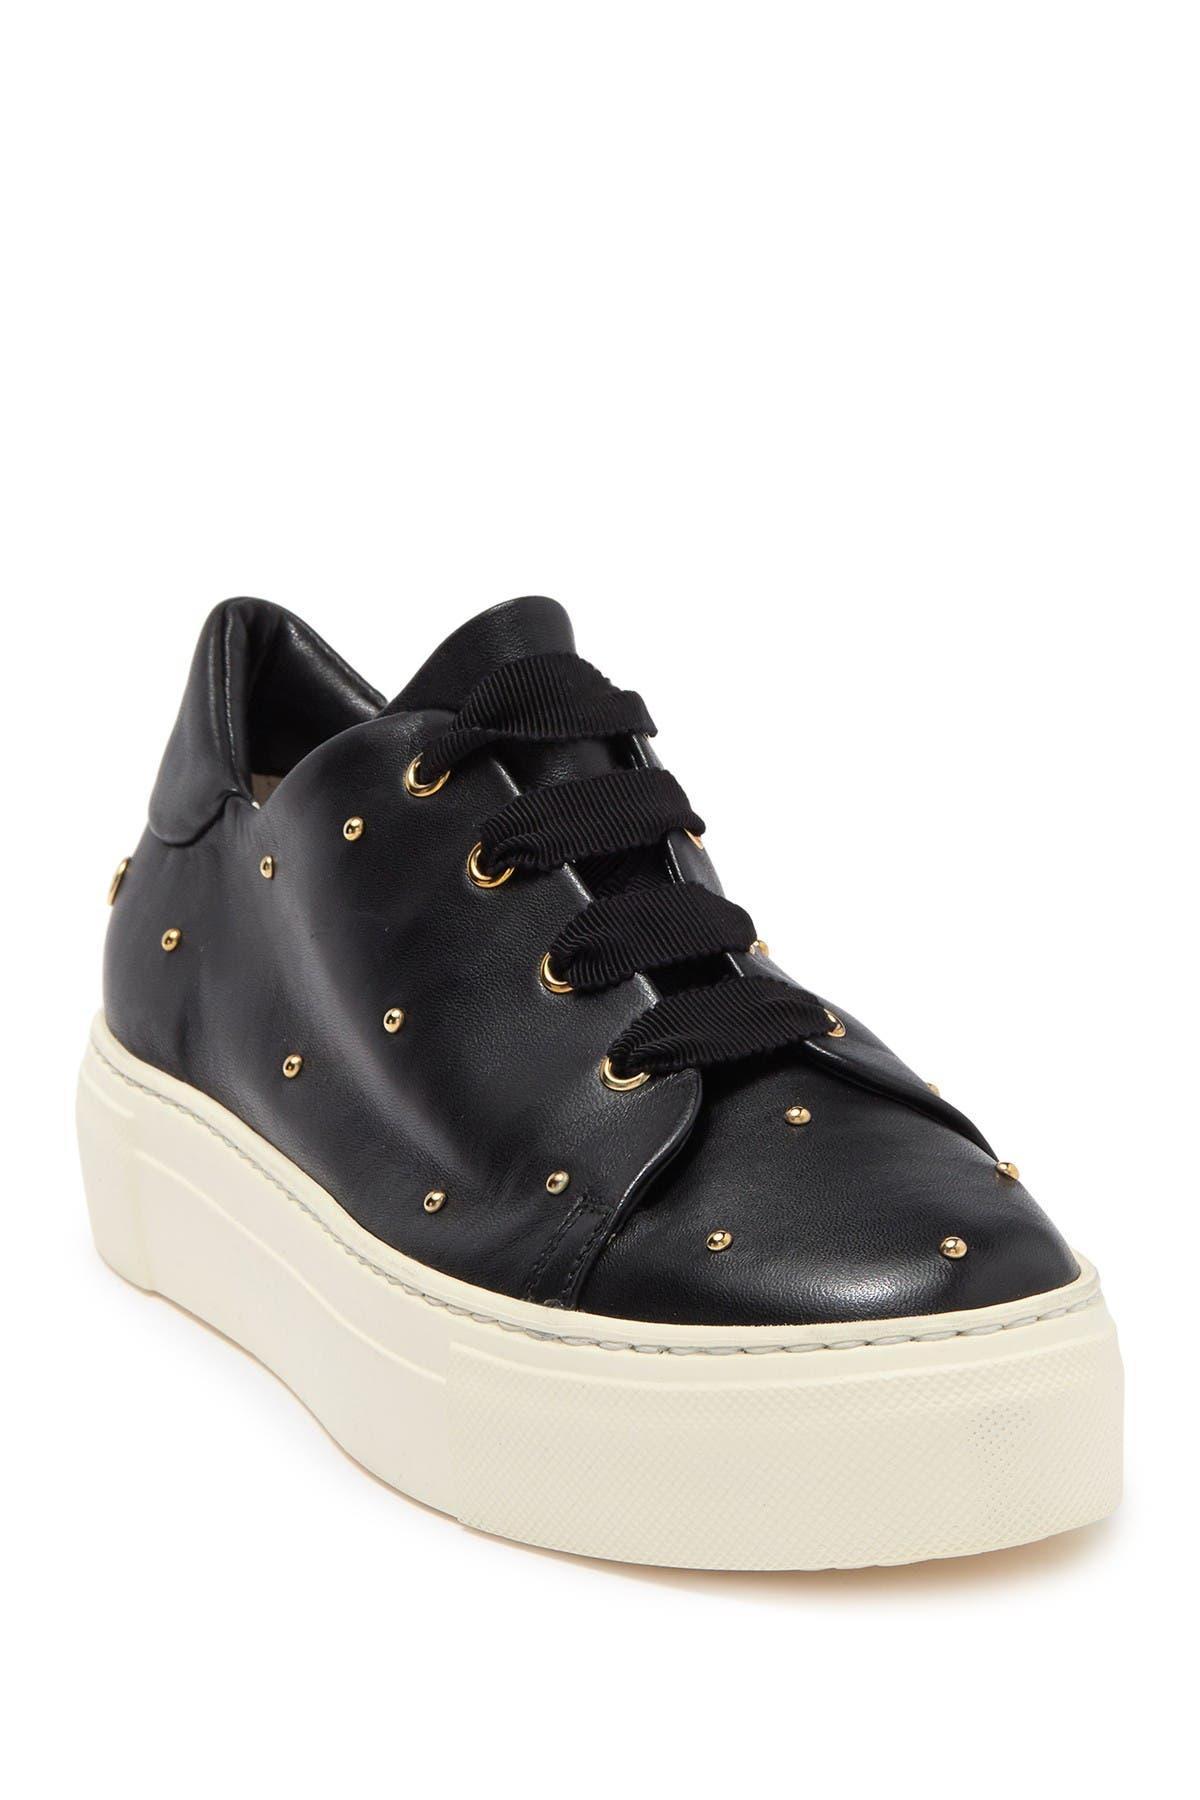 AGL | Studded Leather Platform Sneaker